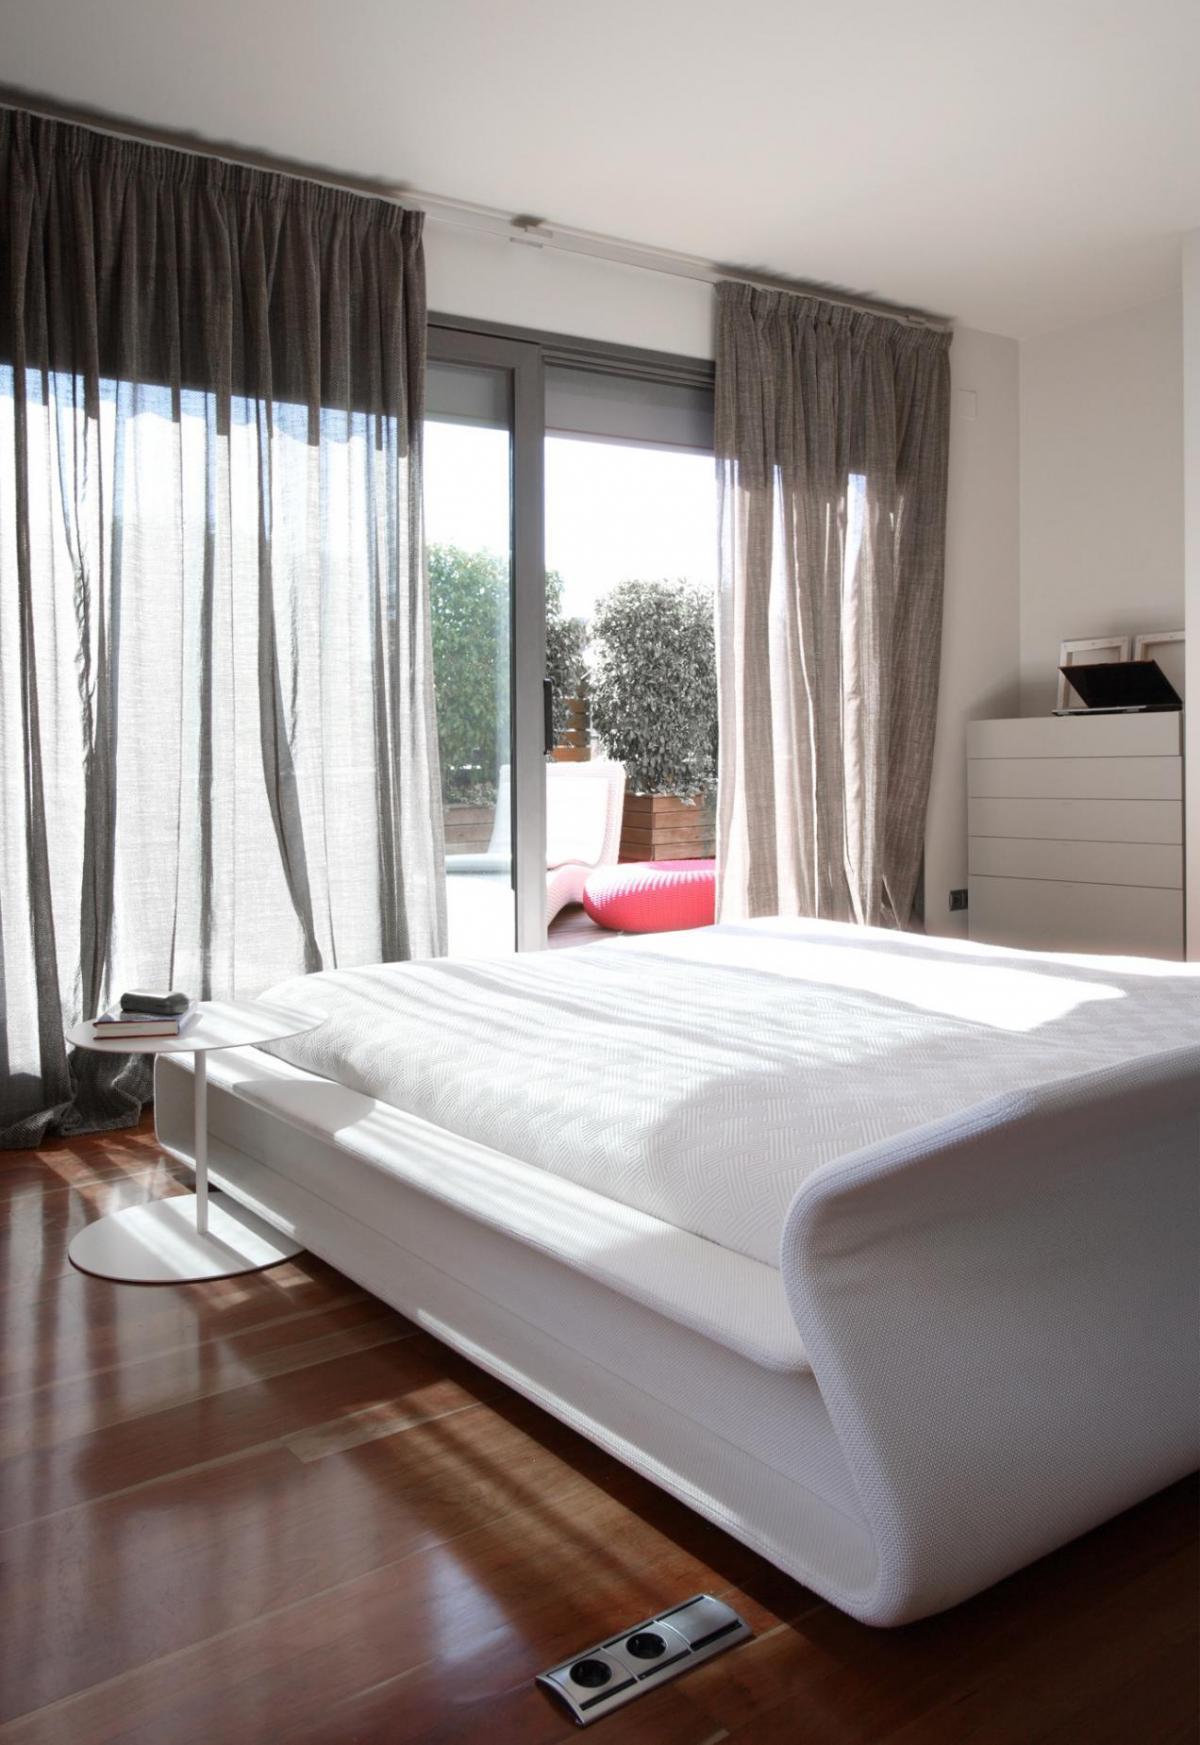 Proyecto de interiorismo. Dormitorio y baño